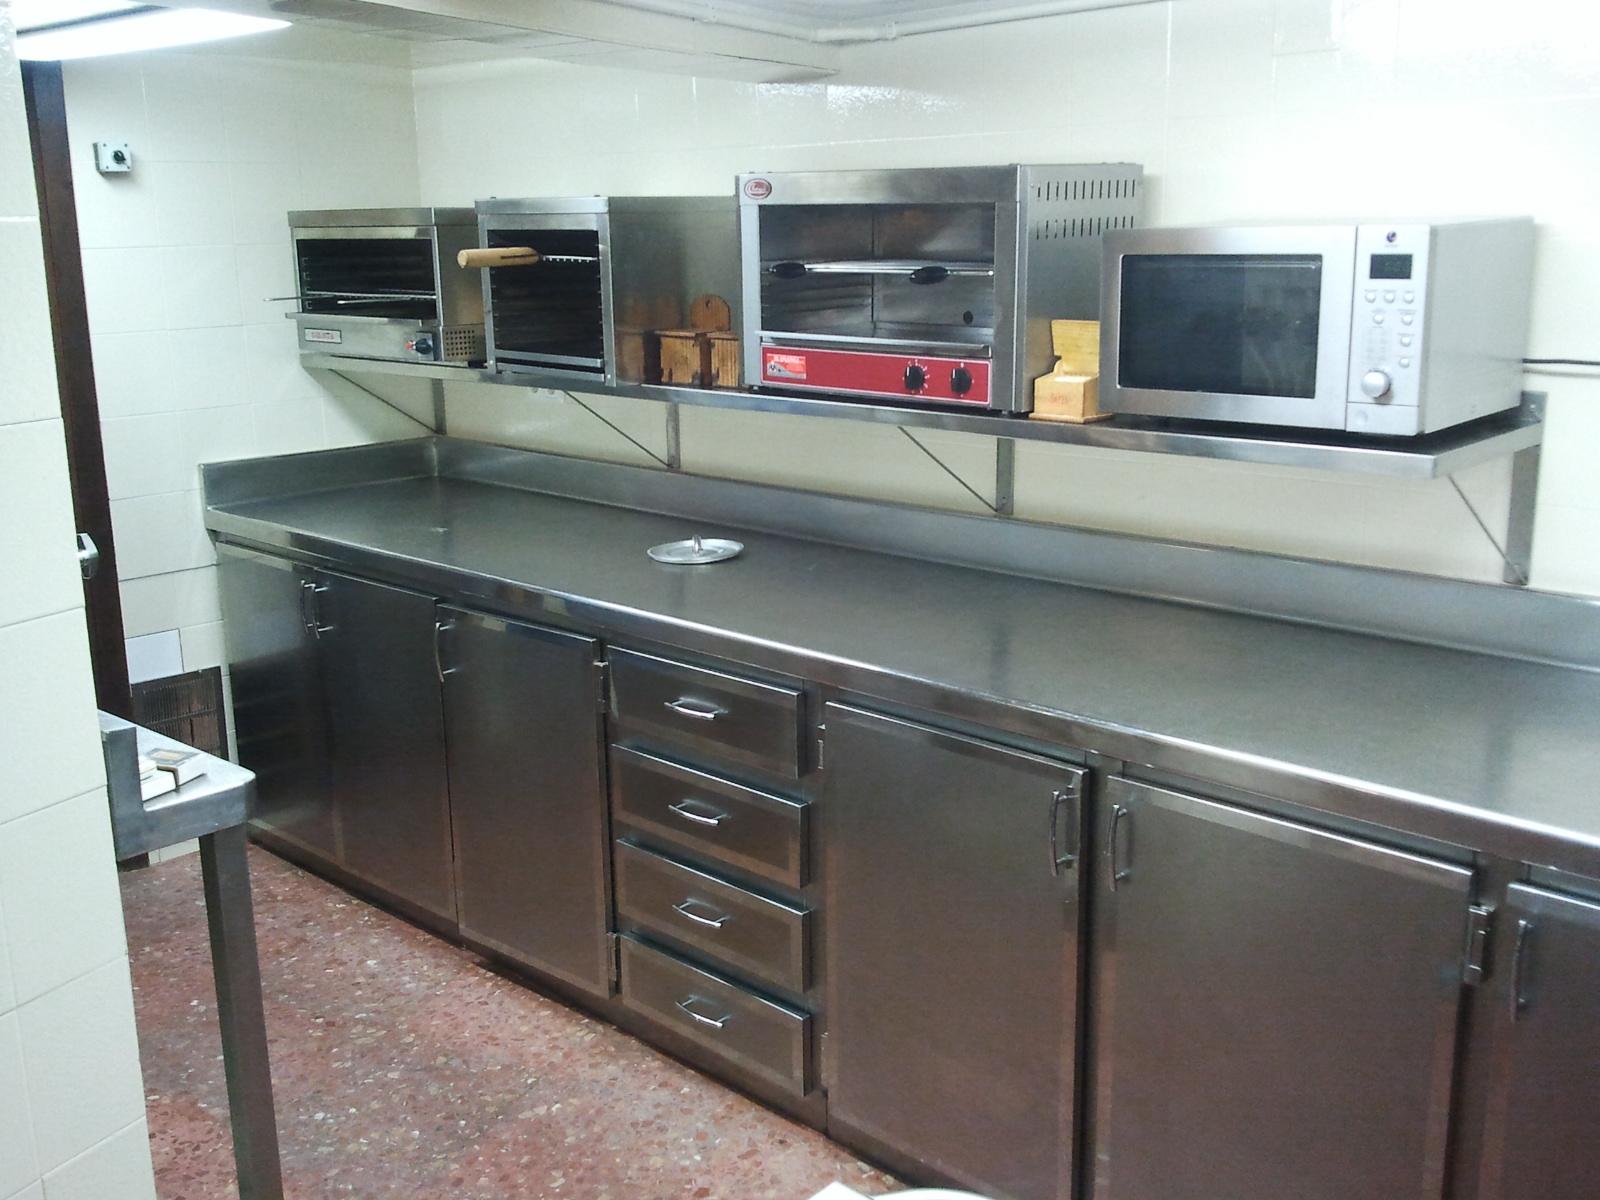 Puertas cocina industrial - Mobiliario cocina industrial ...